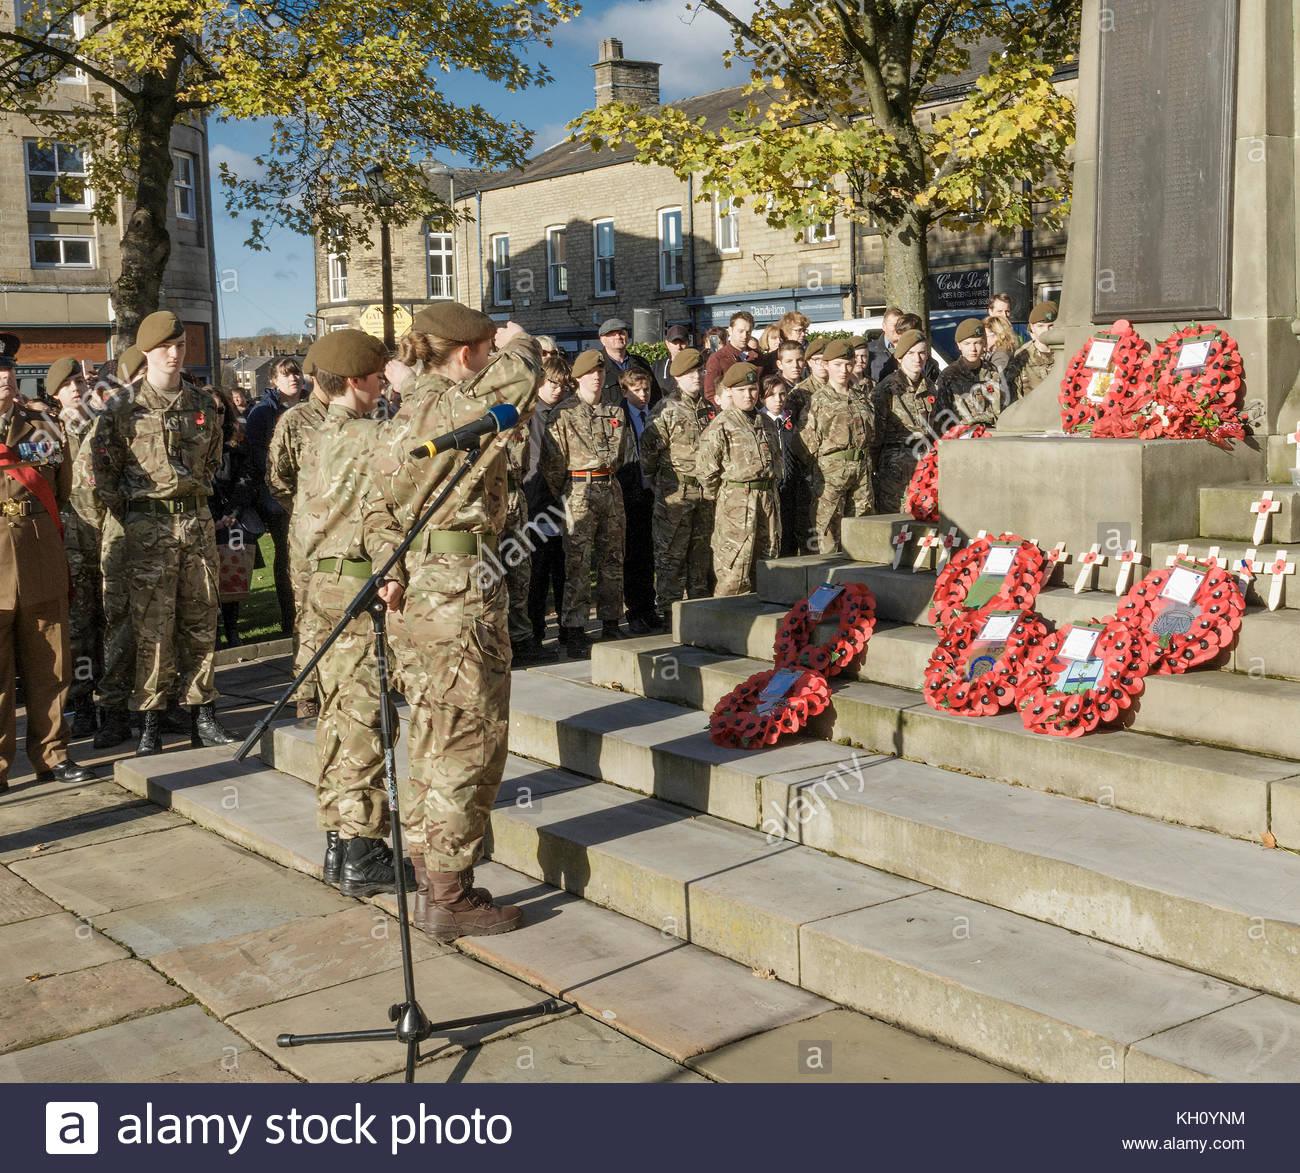 Reportagen, Archivierung, 12. November 2017. Glossop Derbyshire England Trauerfeier, Mitglieder von Derbyshire Armee Stockbild